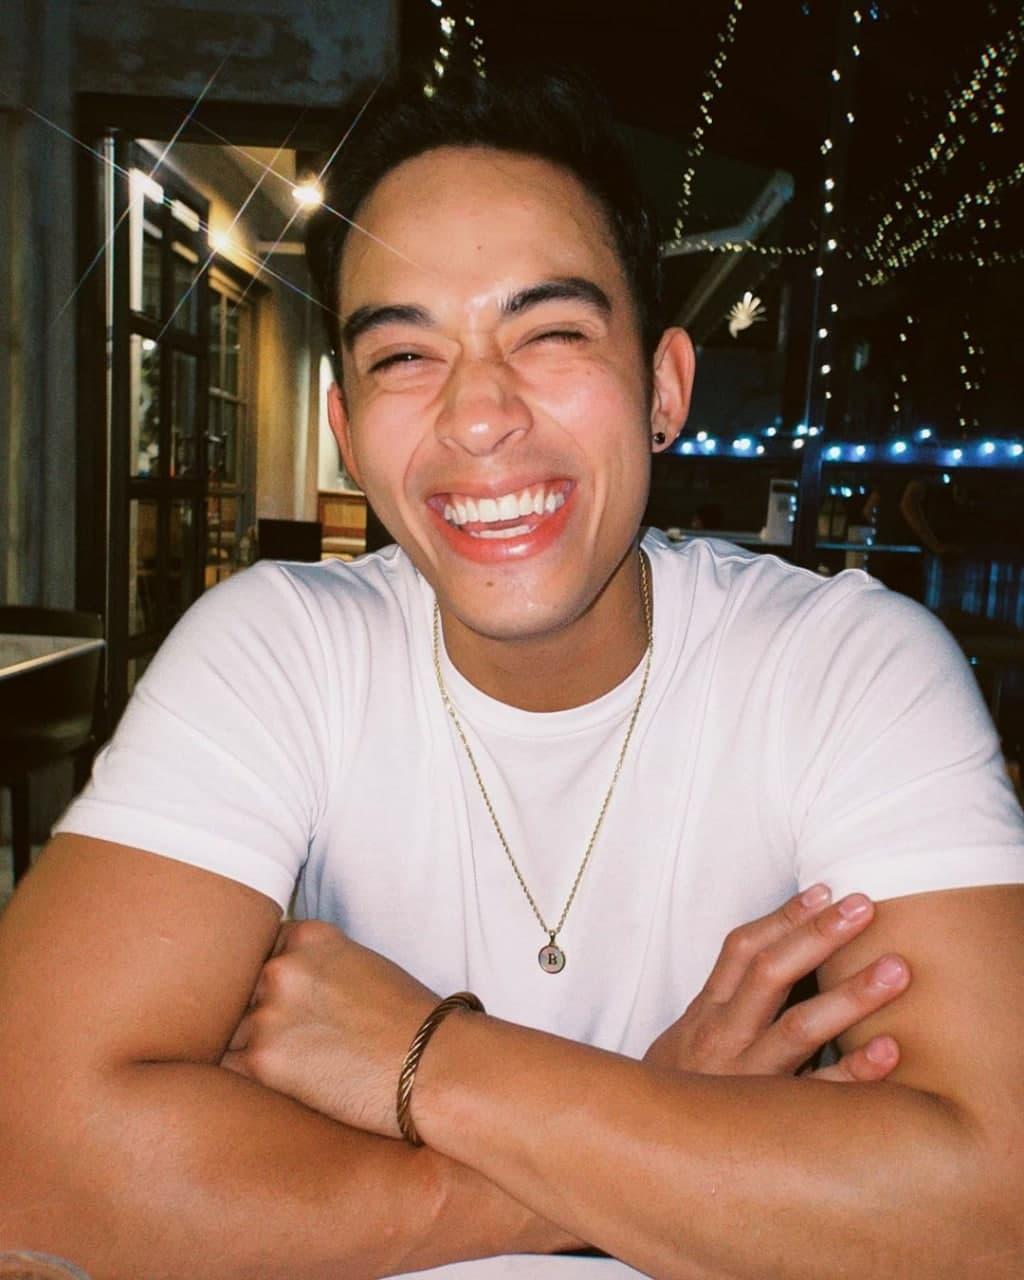 A candid photo of Diego Loyzaga